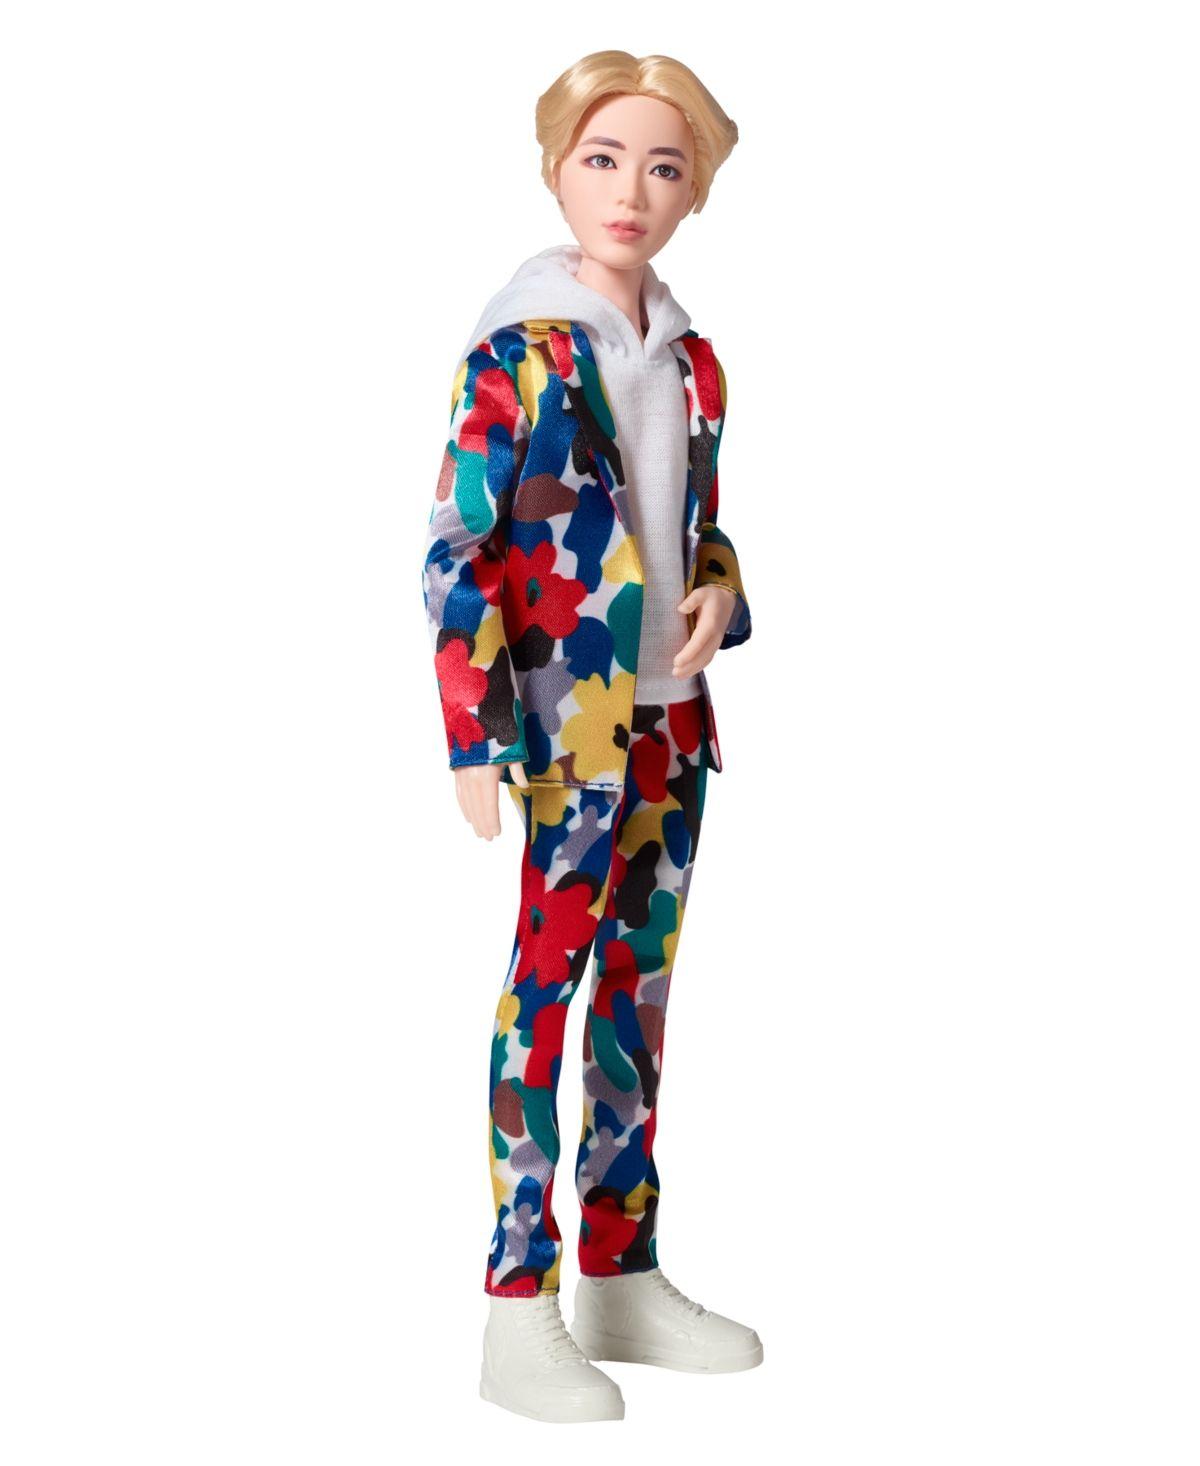 Mattel BTS Jin Idol Doll